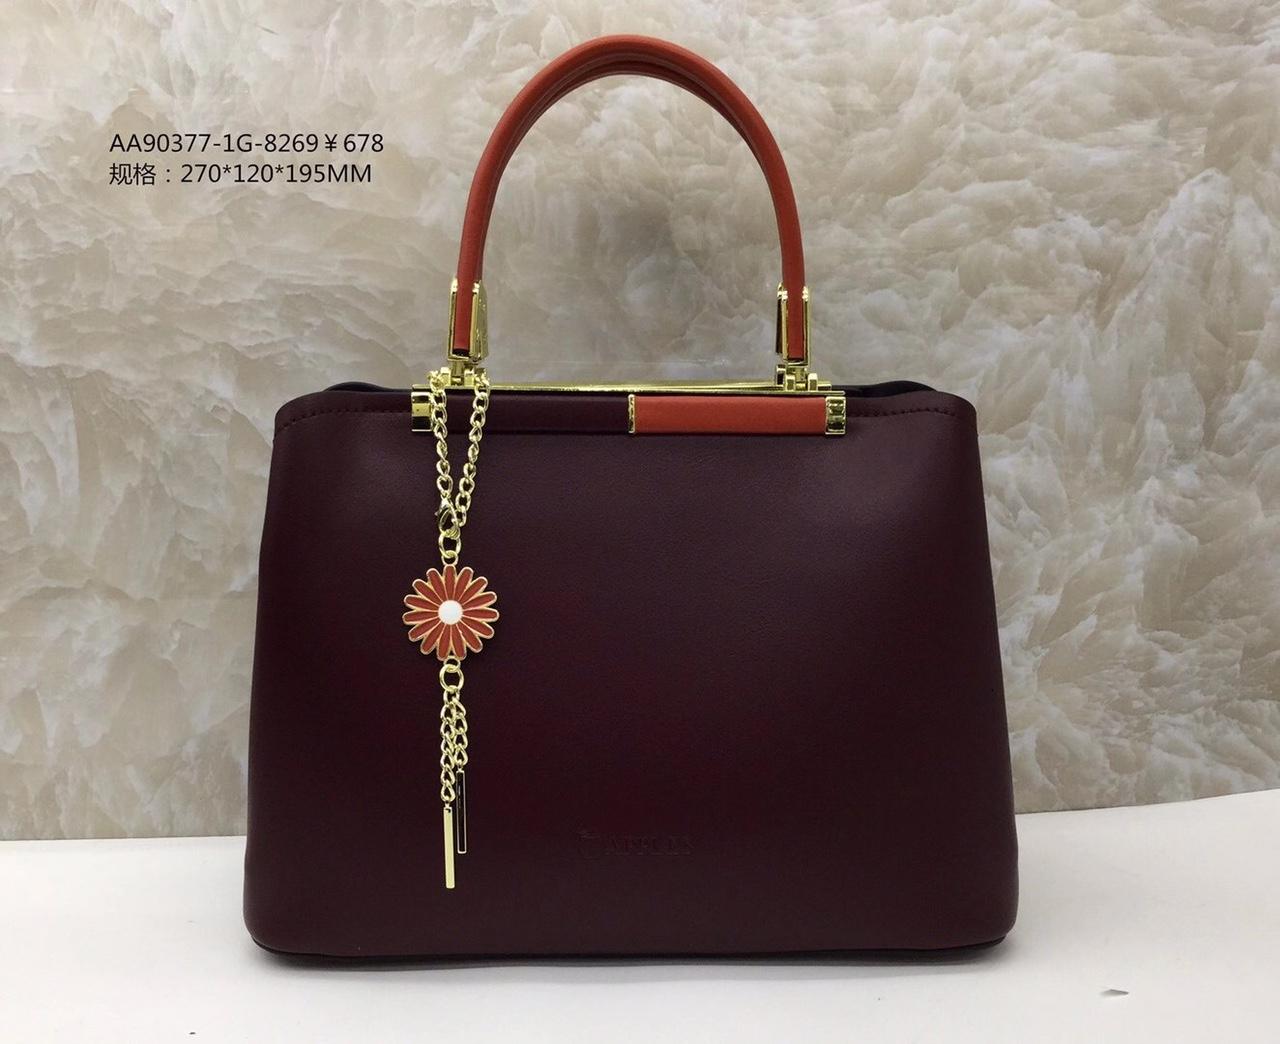 女士手提包可背,新款时尚大方,进口面料,尺寸:270*120*195CM颜色:紫色/橘黄